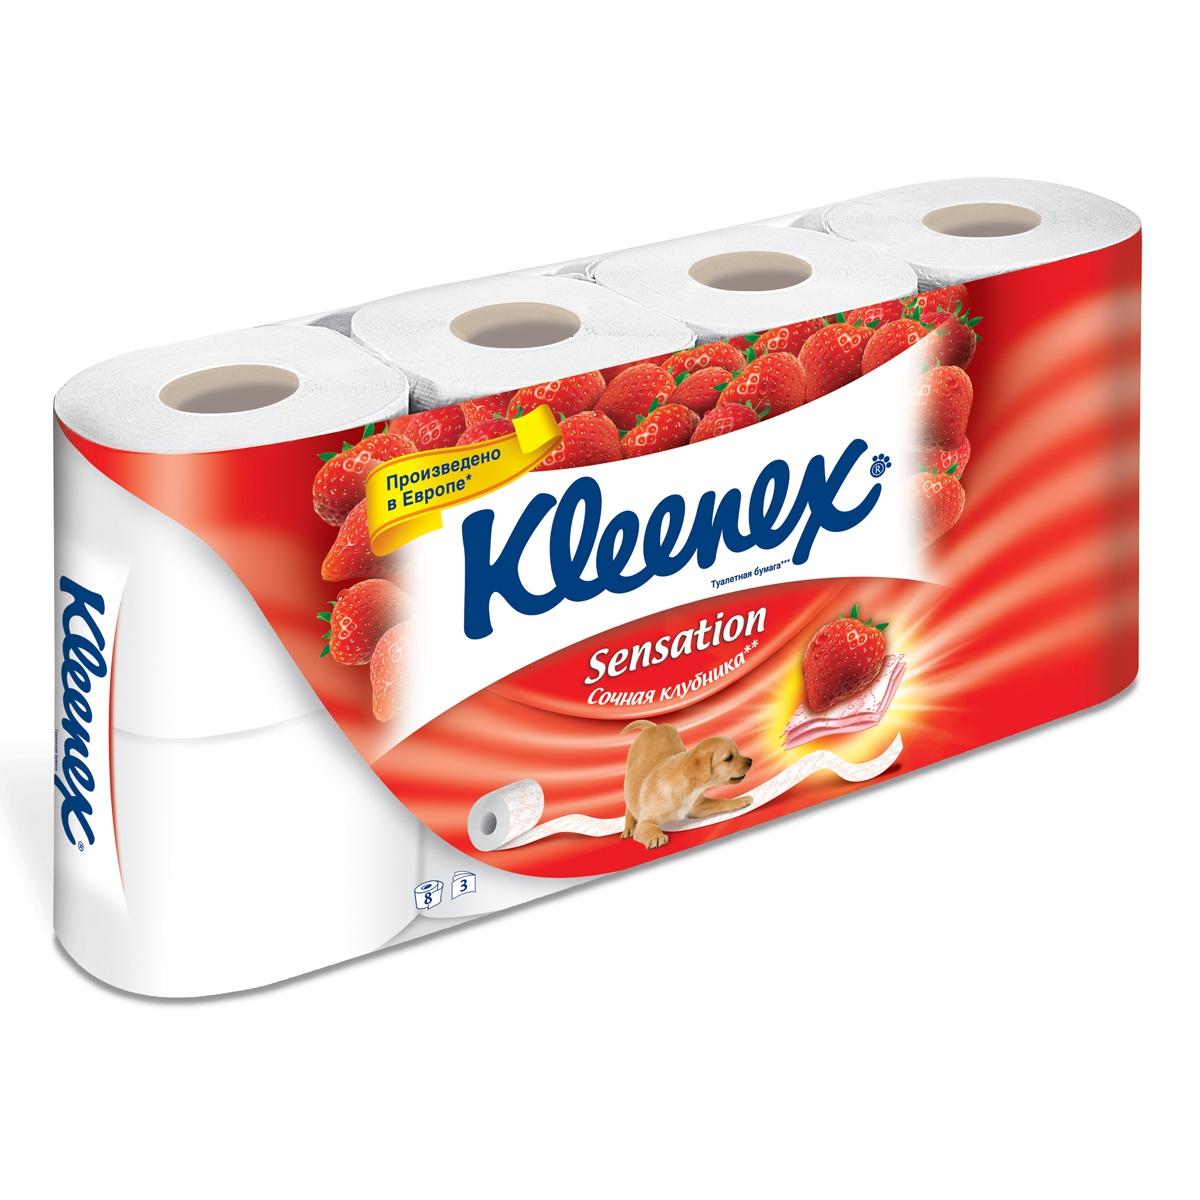 Клинекс туалетная бумага клубника